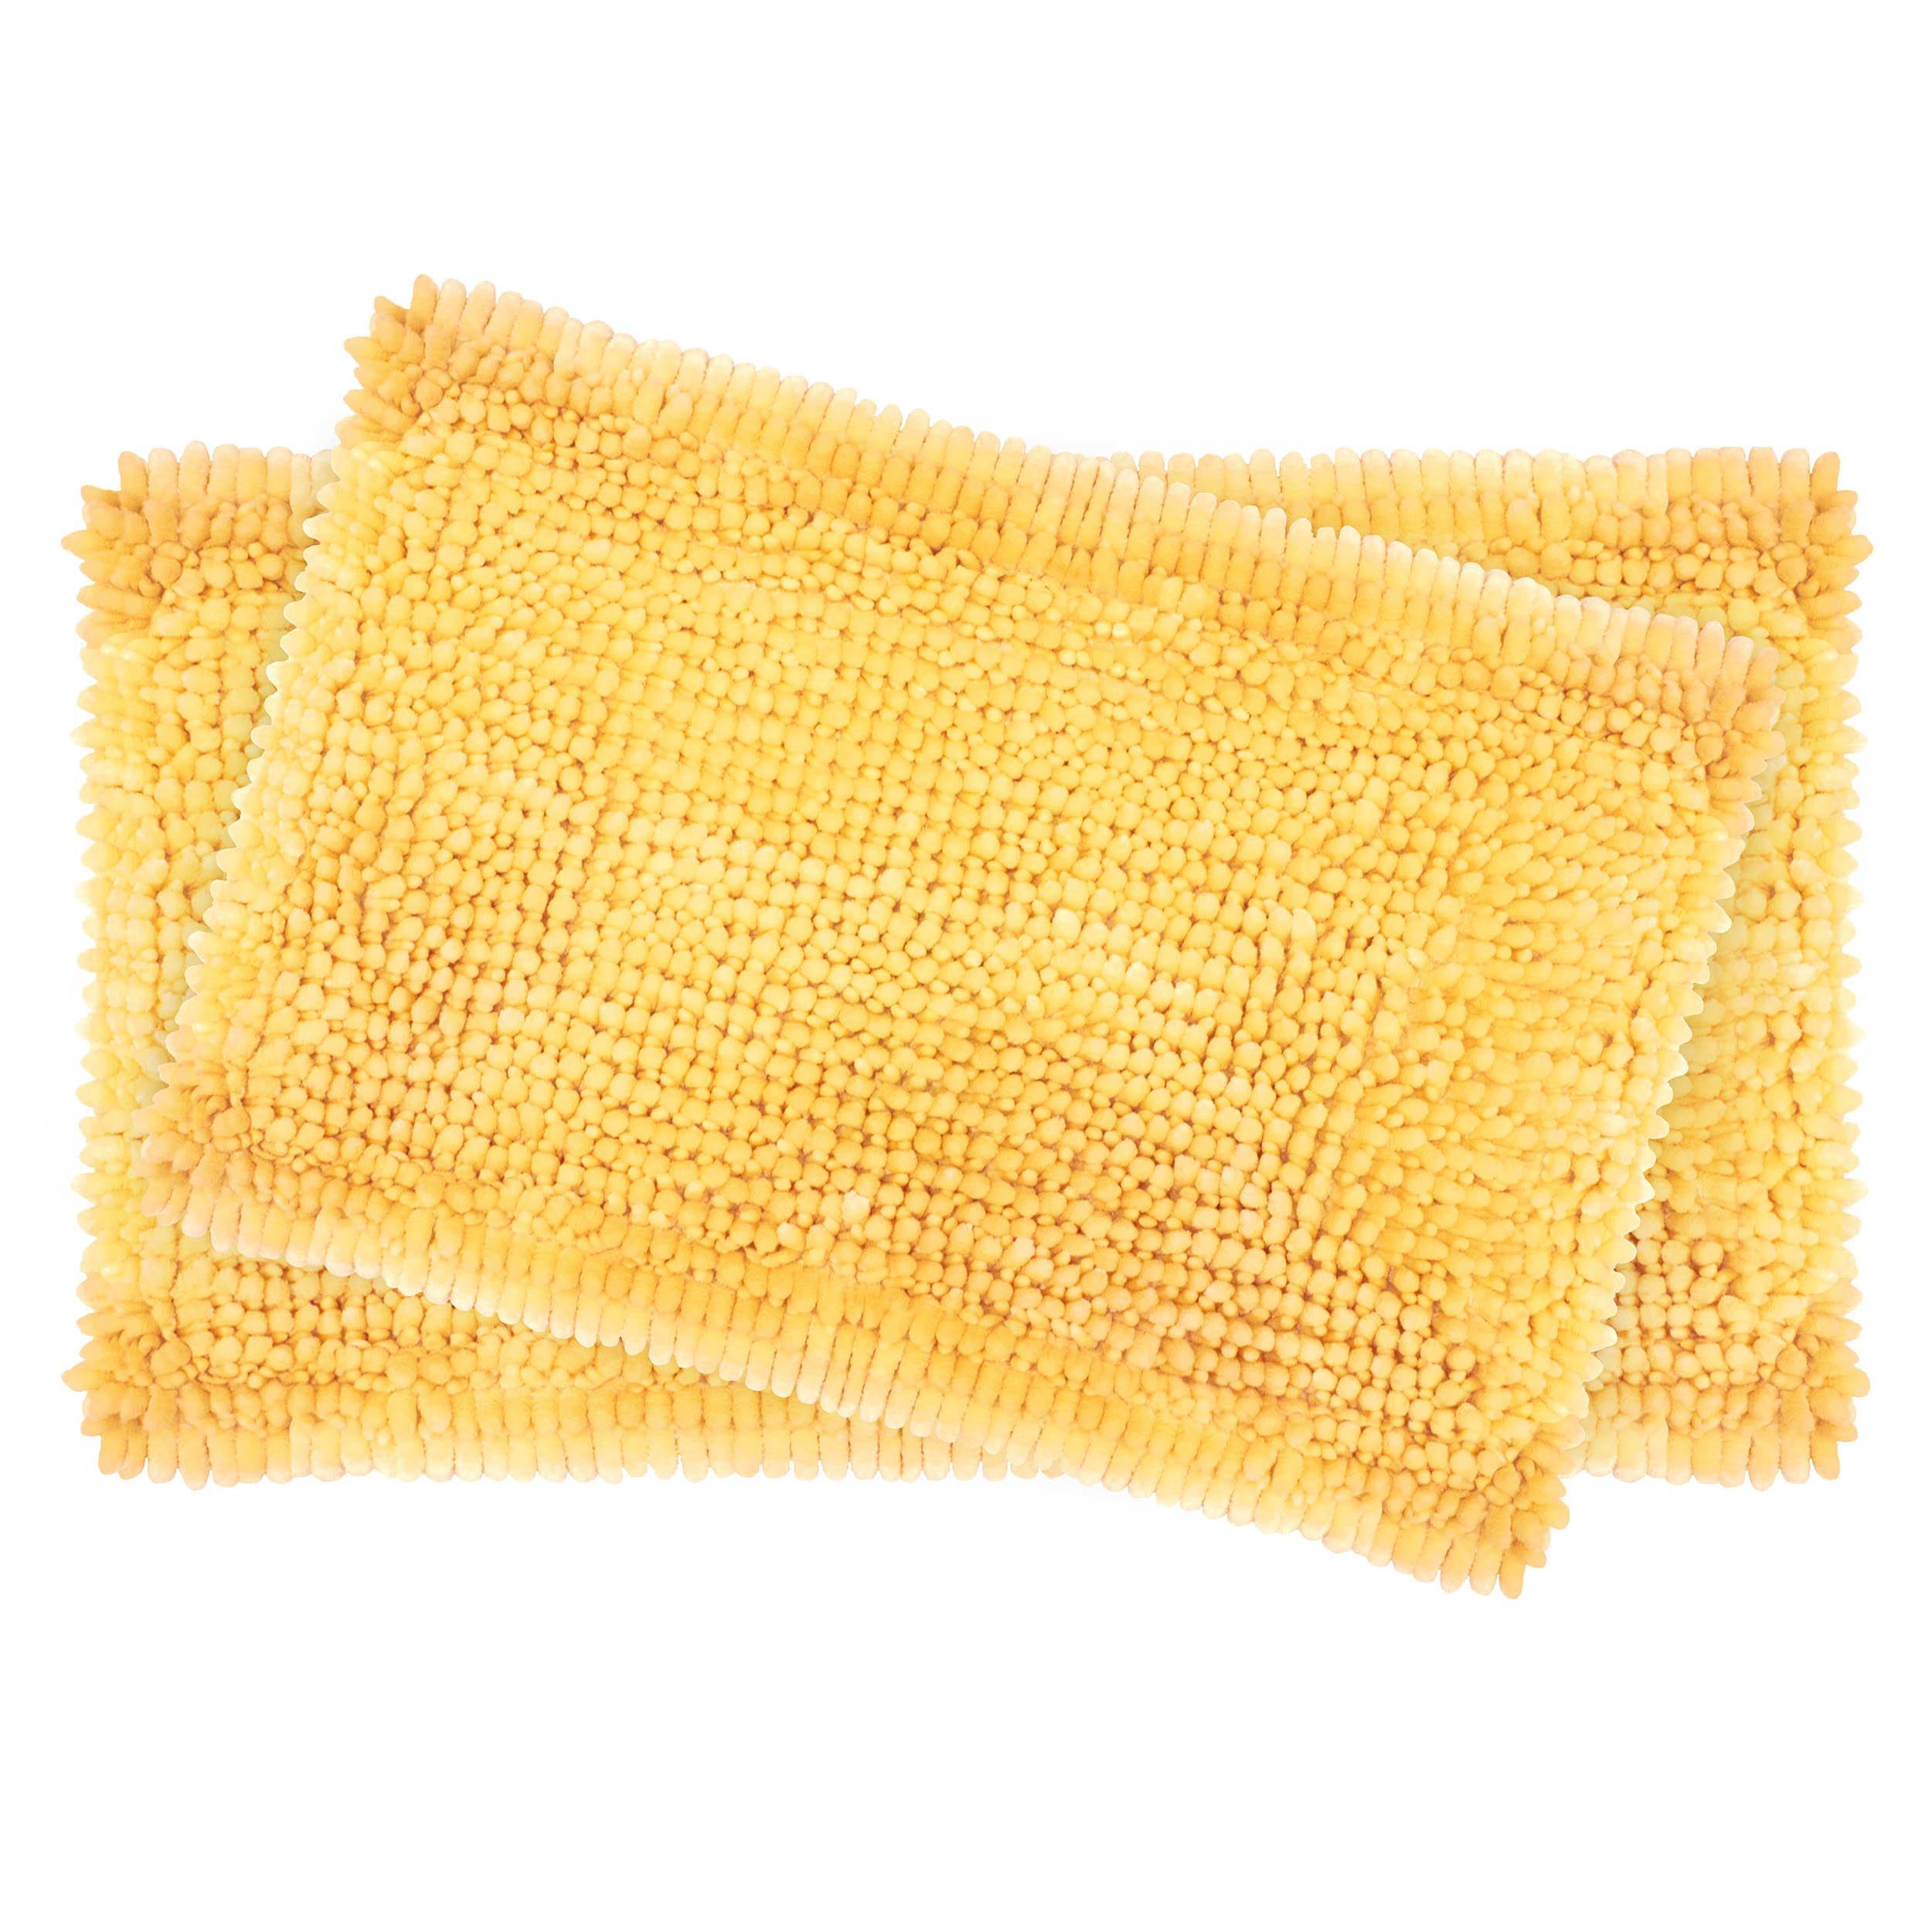 Laura Ashley 2-Piece Butter Chenille 20'' x 34'' Bath Mat Set, Yellow